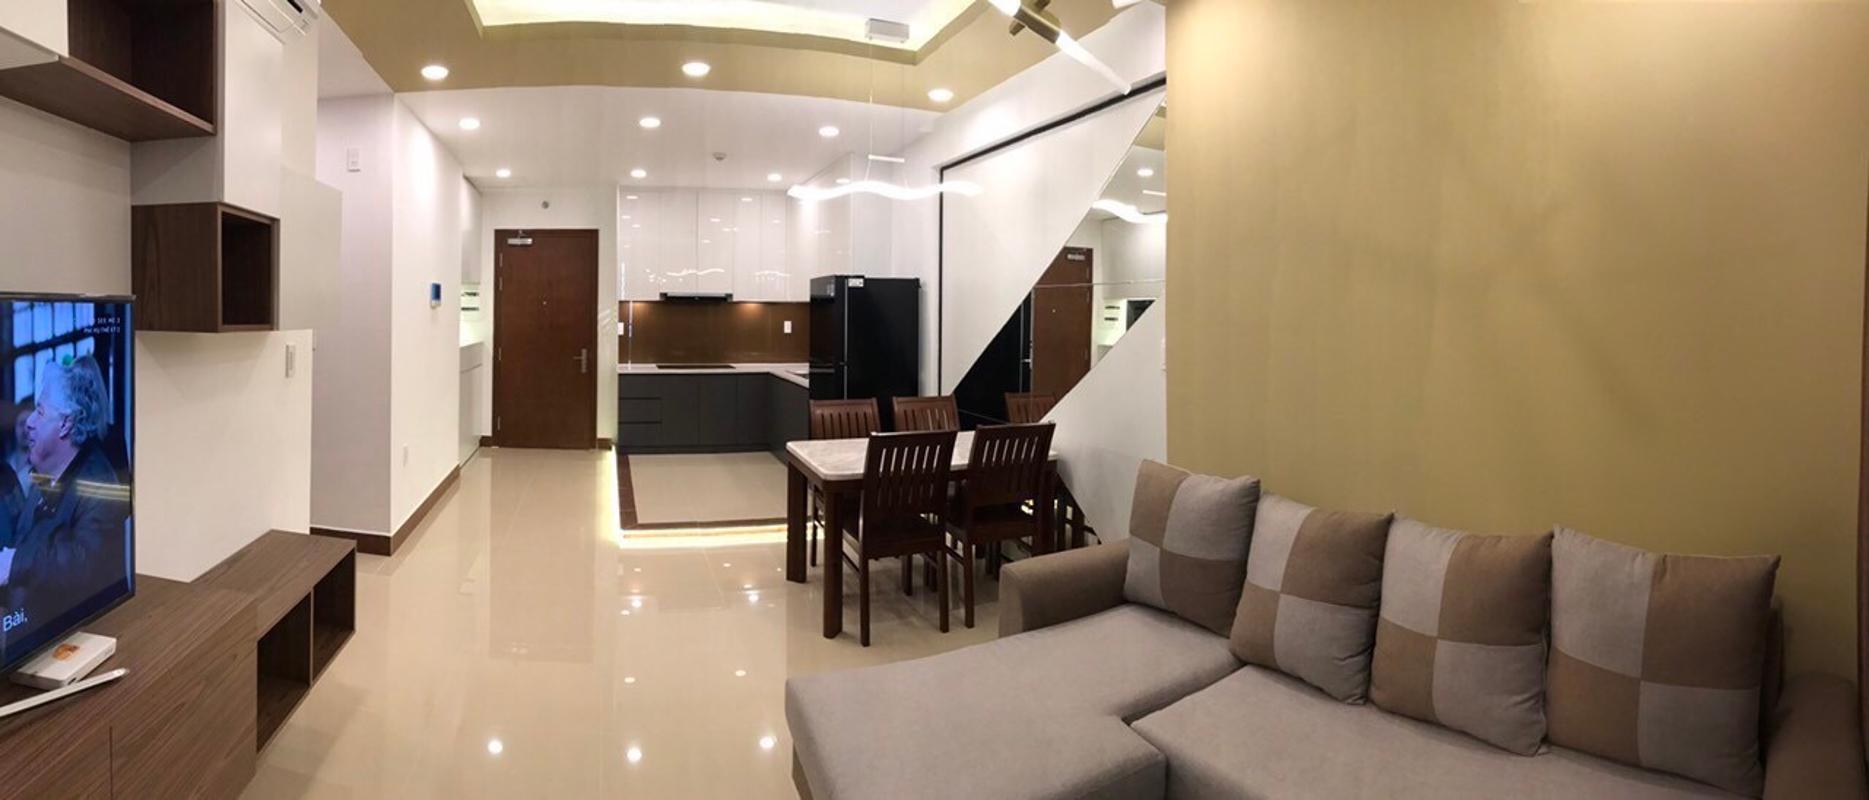 2 Bán căn hộ The Gold View 2PN, tầng trung, đầy đủ nội thất, hướng cửa Tây Nam